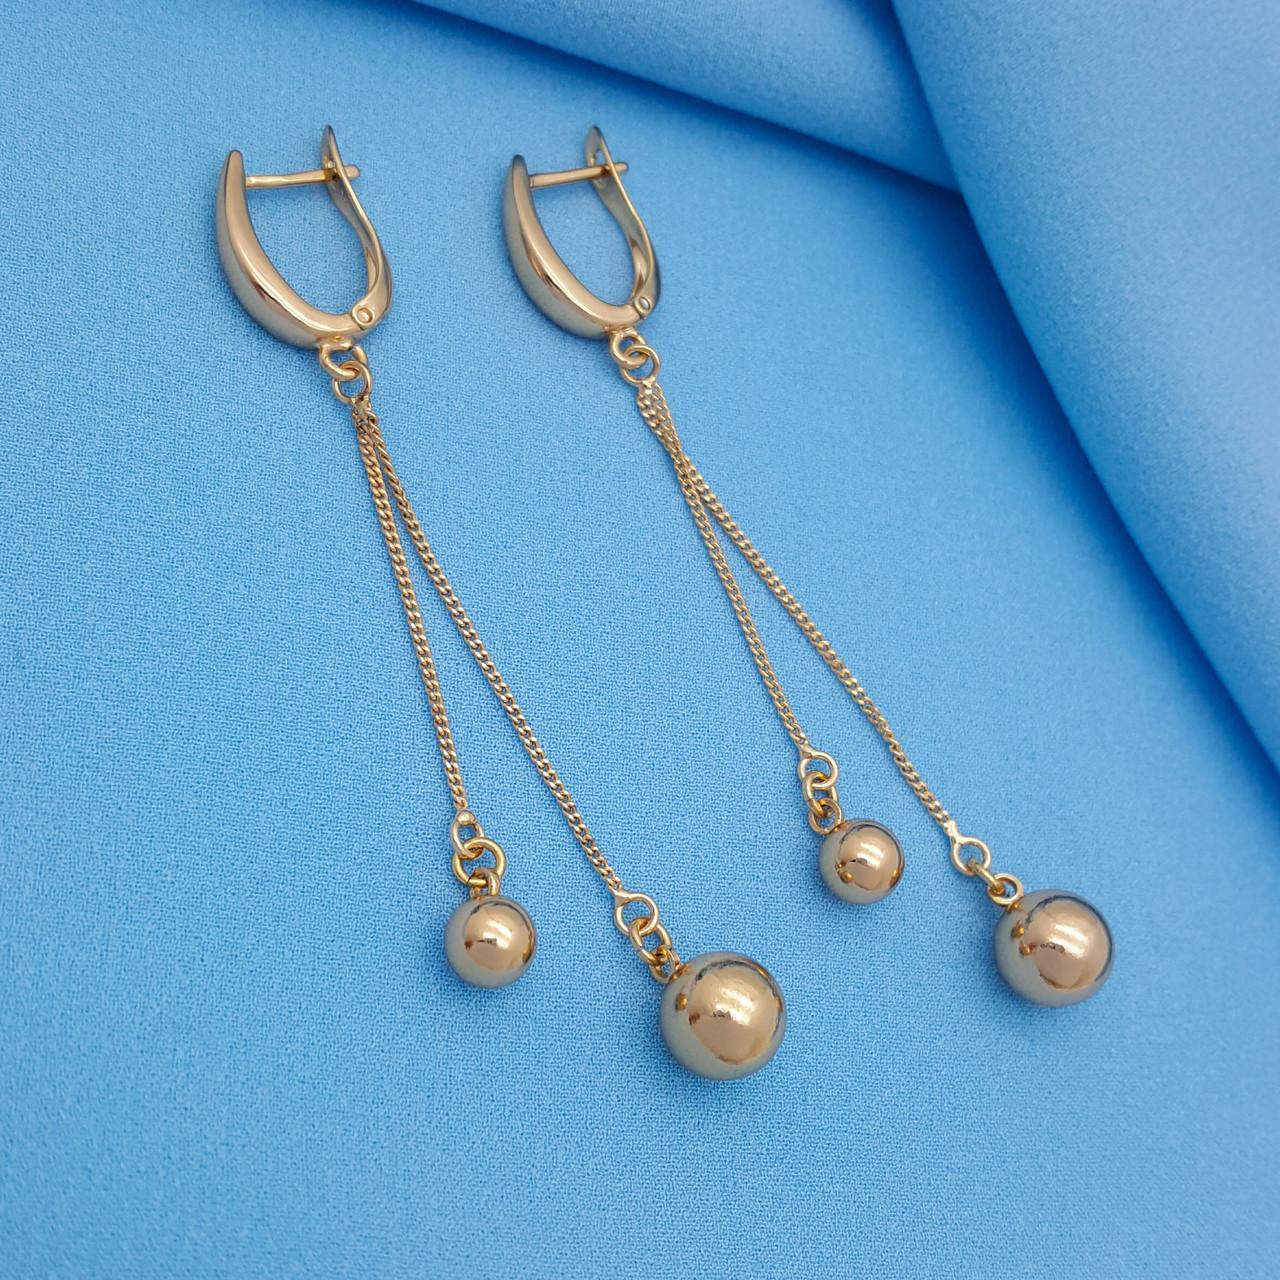 Сережки, Глянцеві Кульки на ланцюжку, без каменів, англ.замок, позолота  Xuping